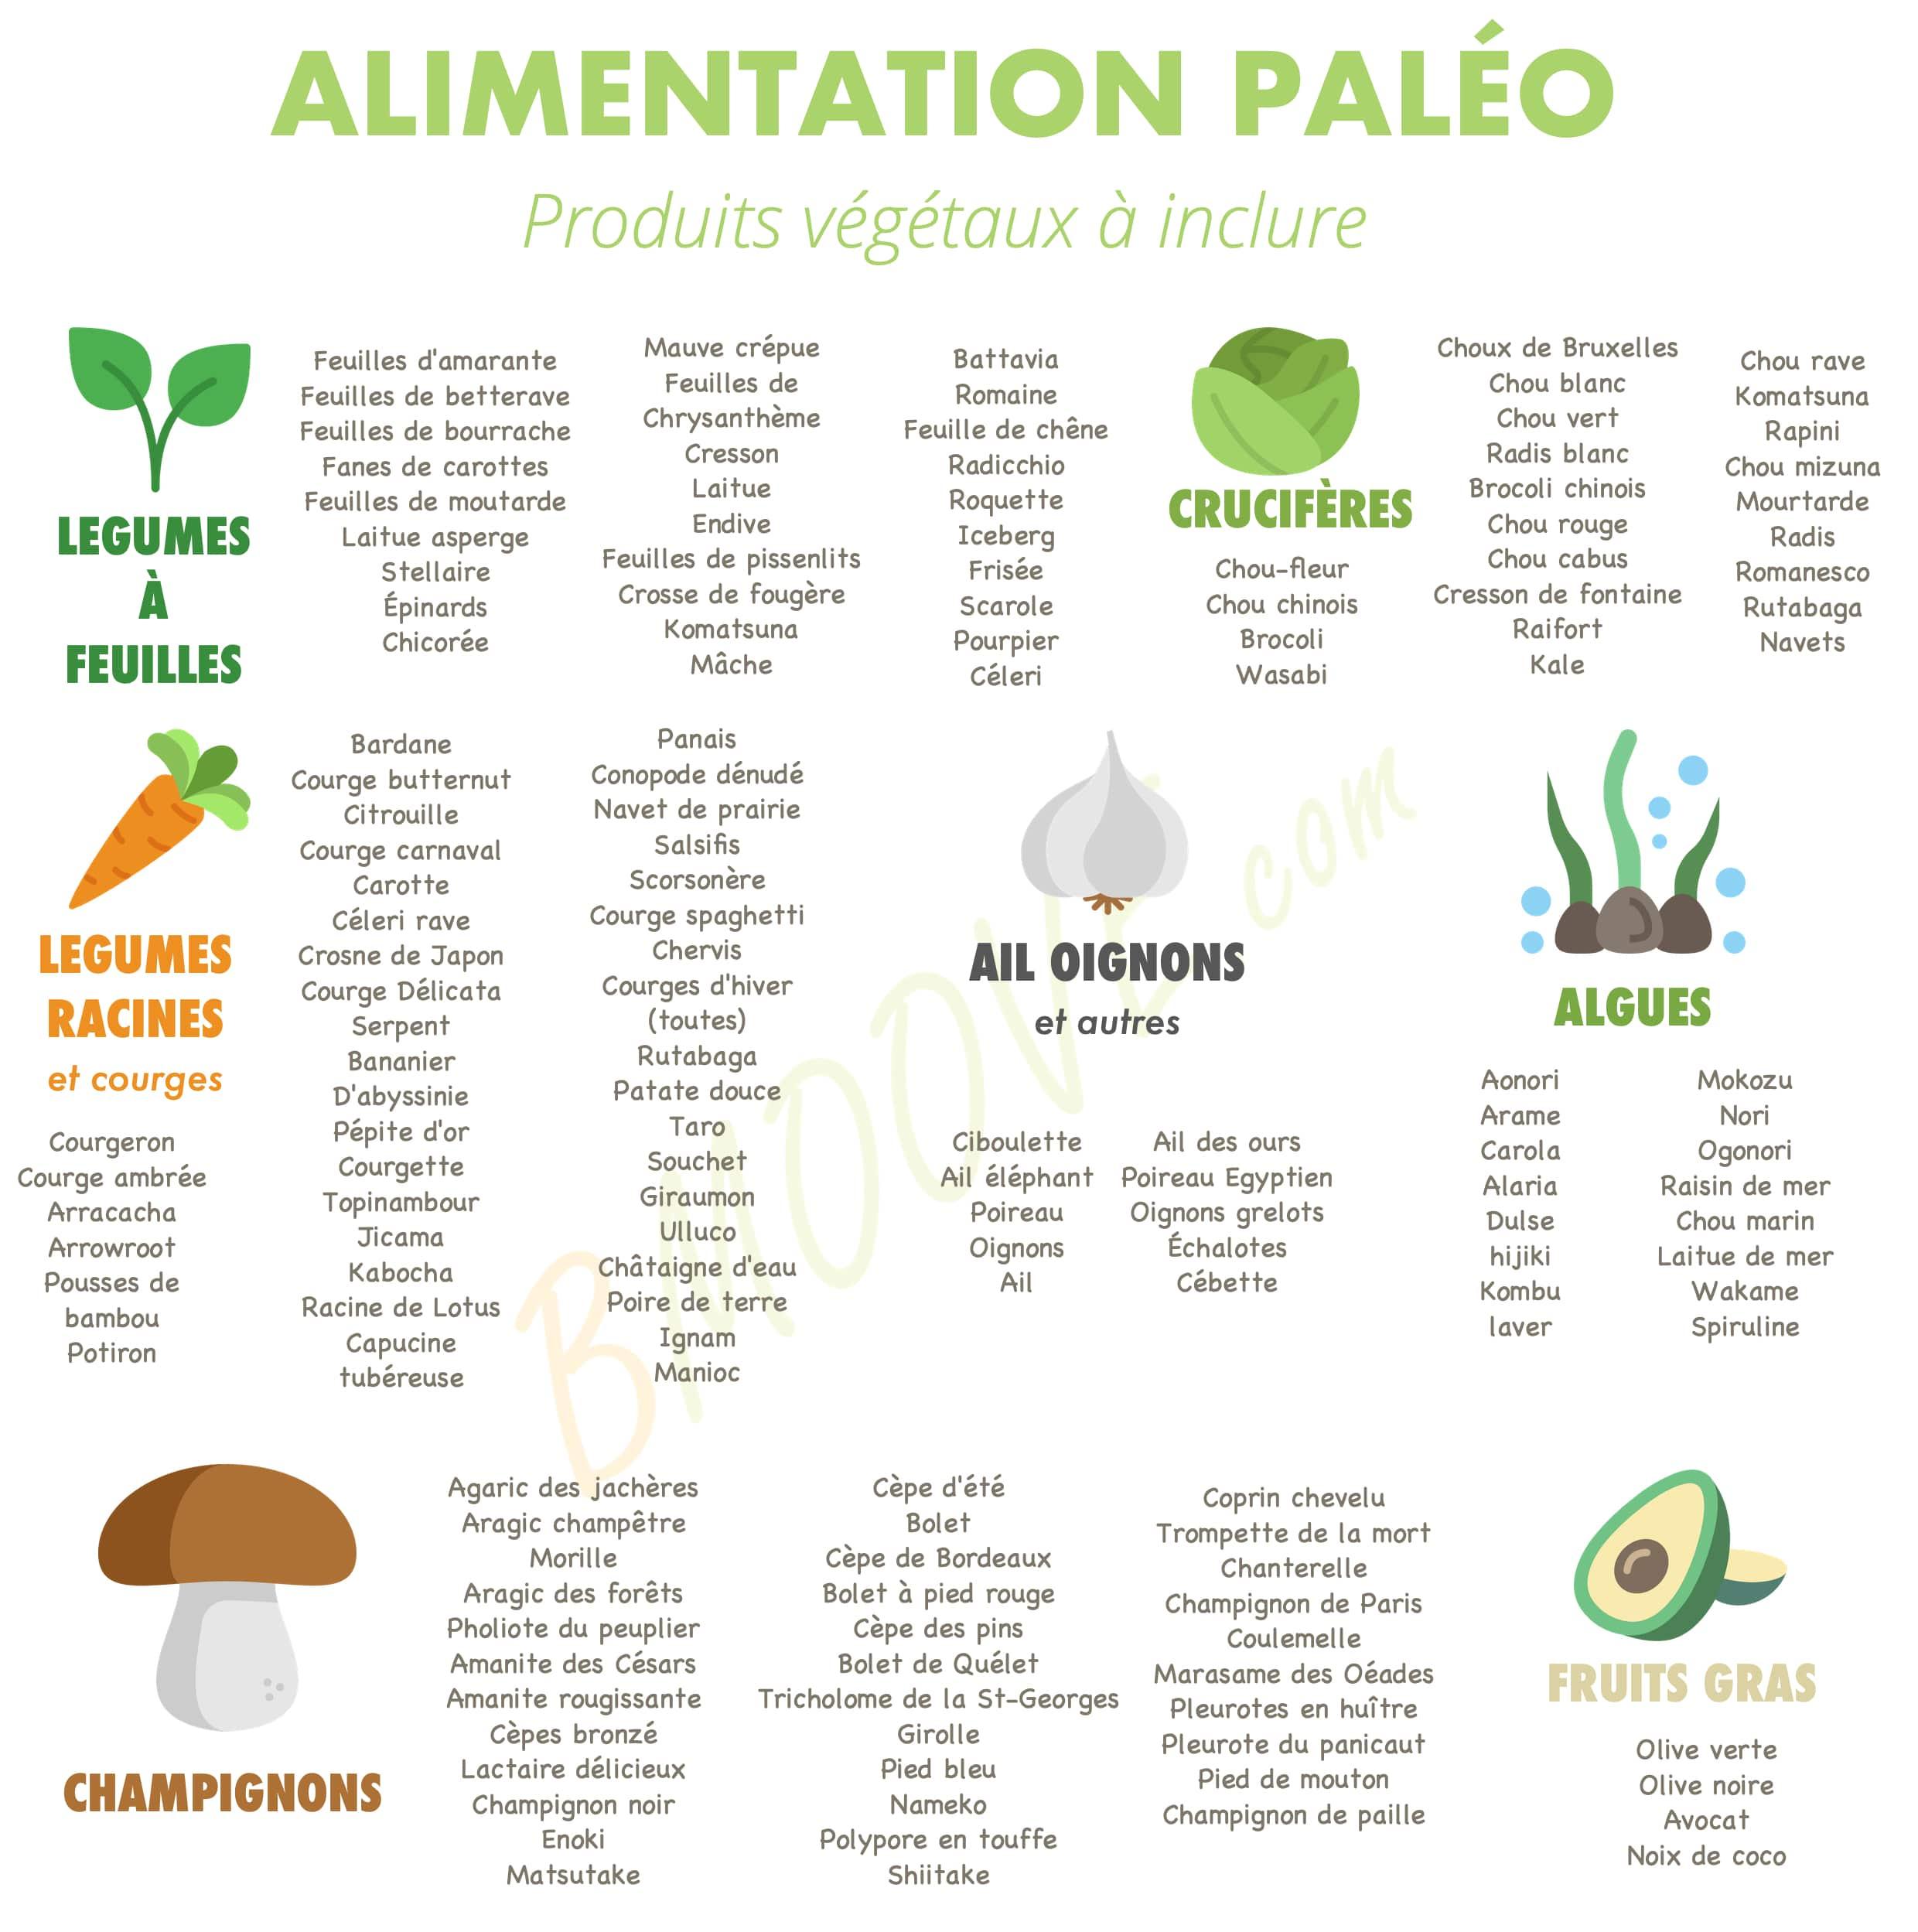 tableau des légumes à inclure au régime paléo